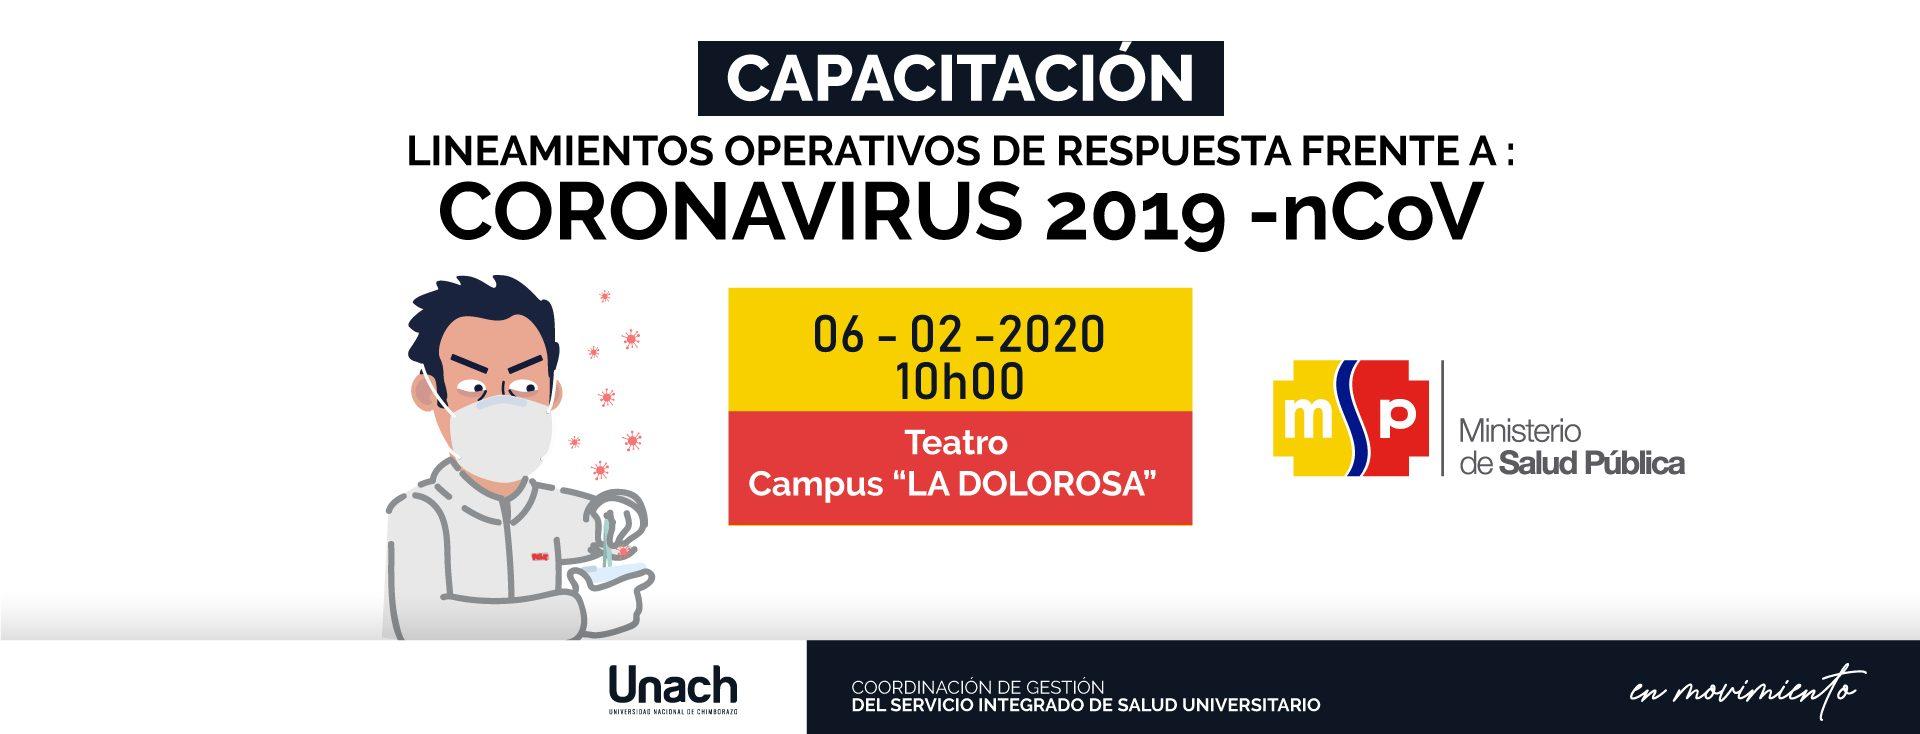 LINEAMIENTOS OPERATIVOS DE RESPUESTA FRENTE A : CORONAVIRUS 2019 -nCoV